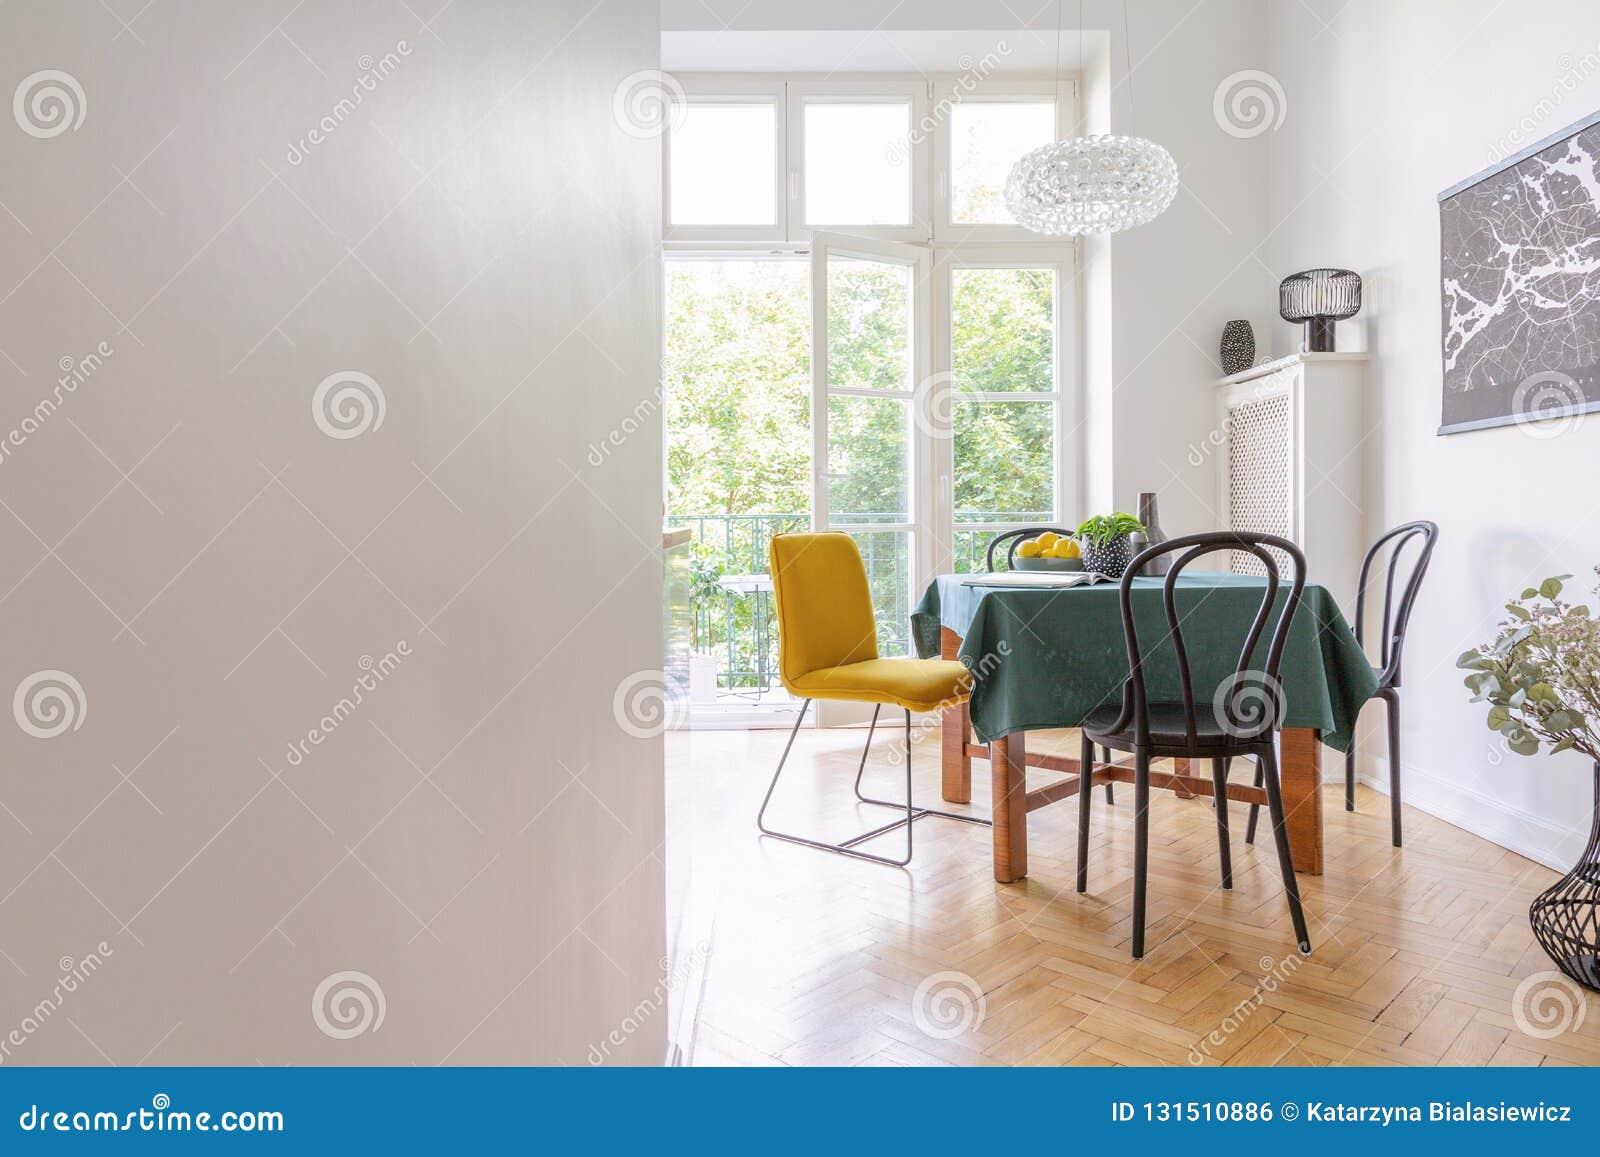 Interno del salone con la tovaglia e genere differente di sedie, mappa nera sulla parete, foto reale con